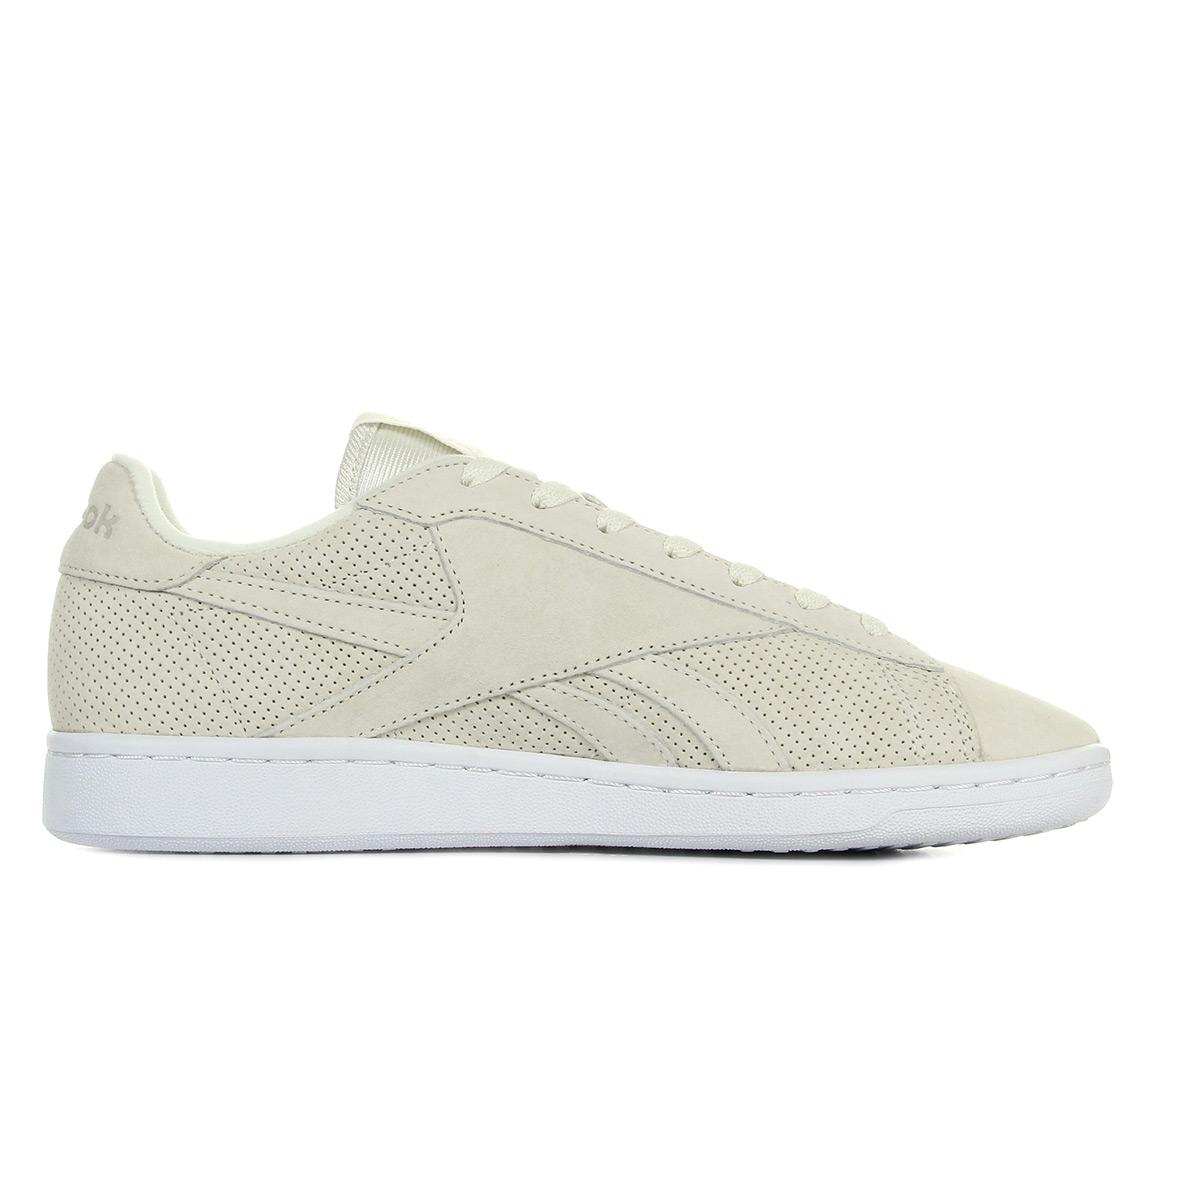 délogeant Homme chaussures sneakers Reebok Npc Uk Perf BD2967 Pas Cher Réel Authentique Magasin De Sortie Pas Cher Acheter Magasins D'usine Pas Cher KYUUOOV